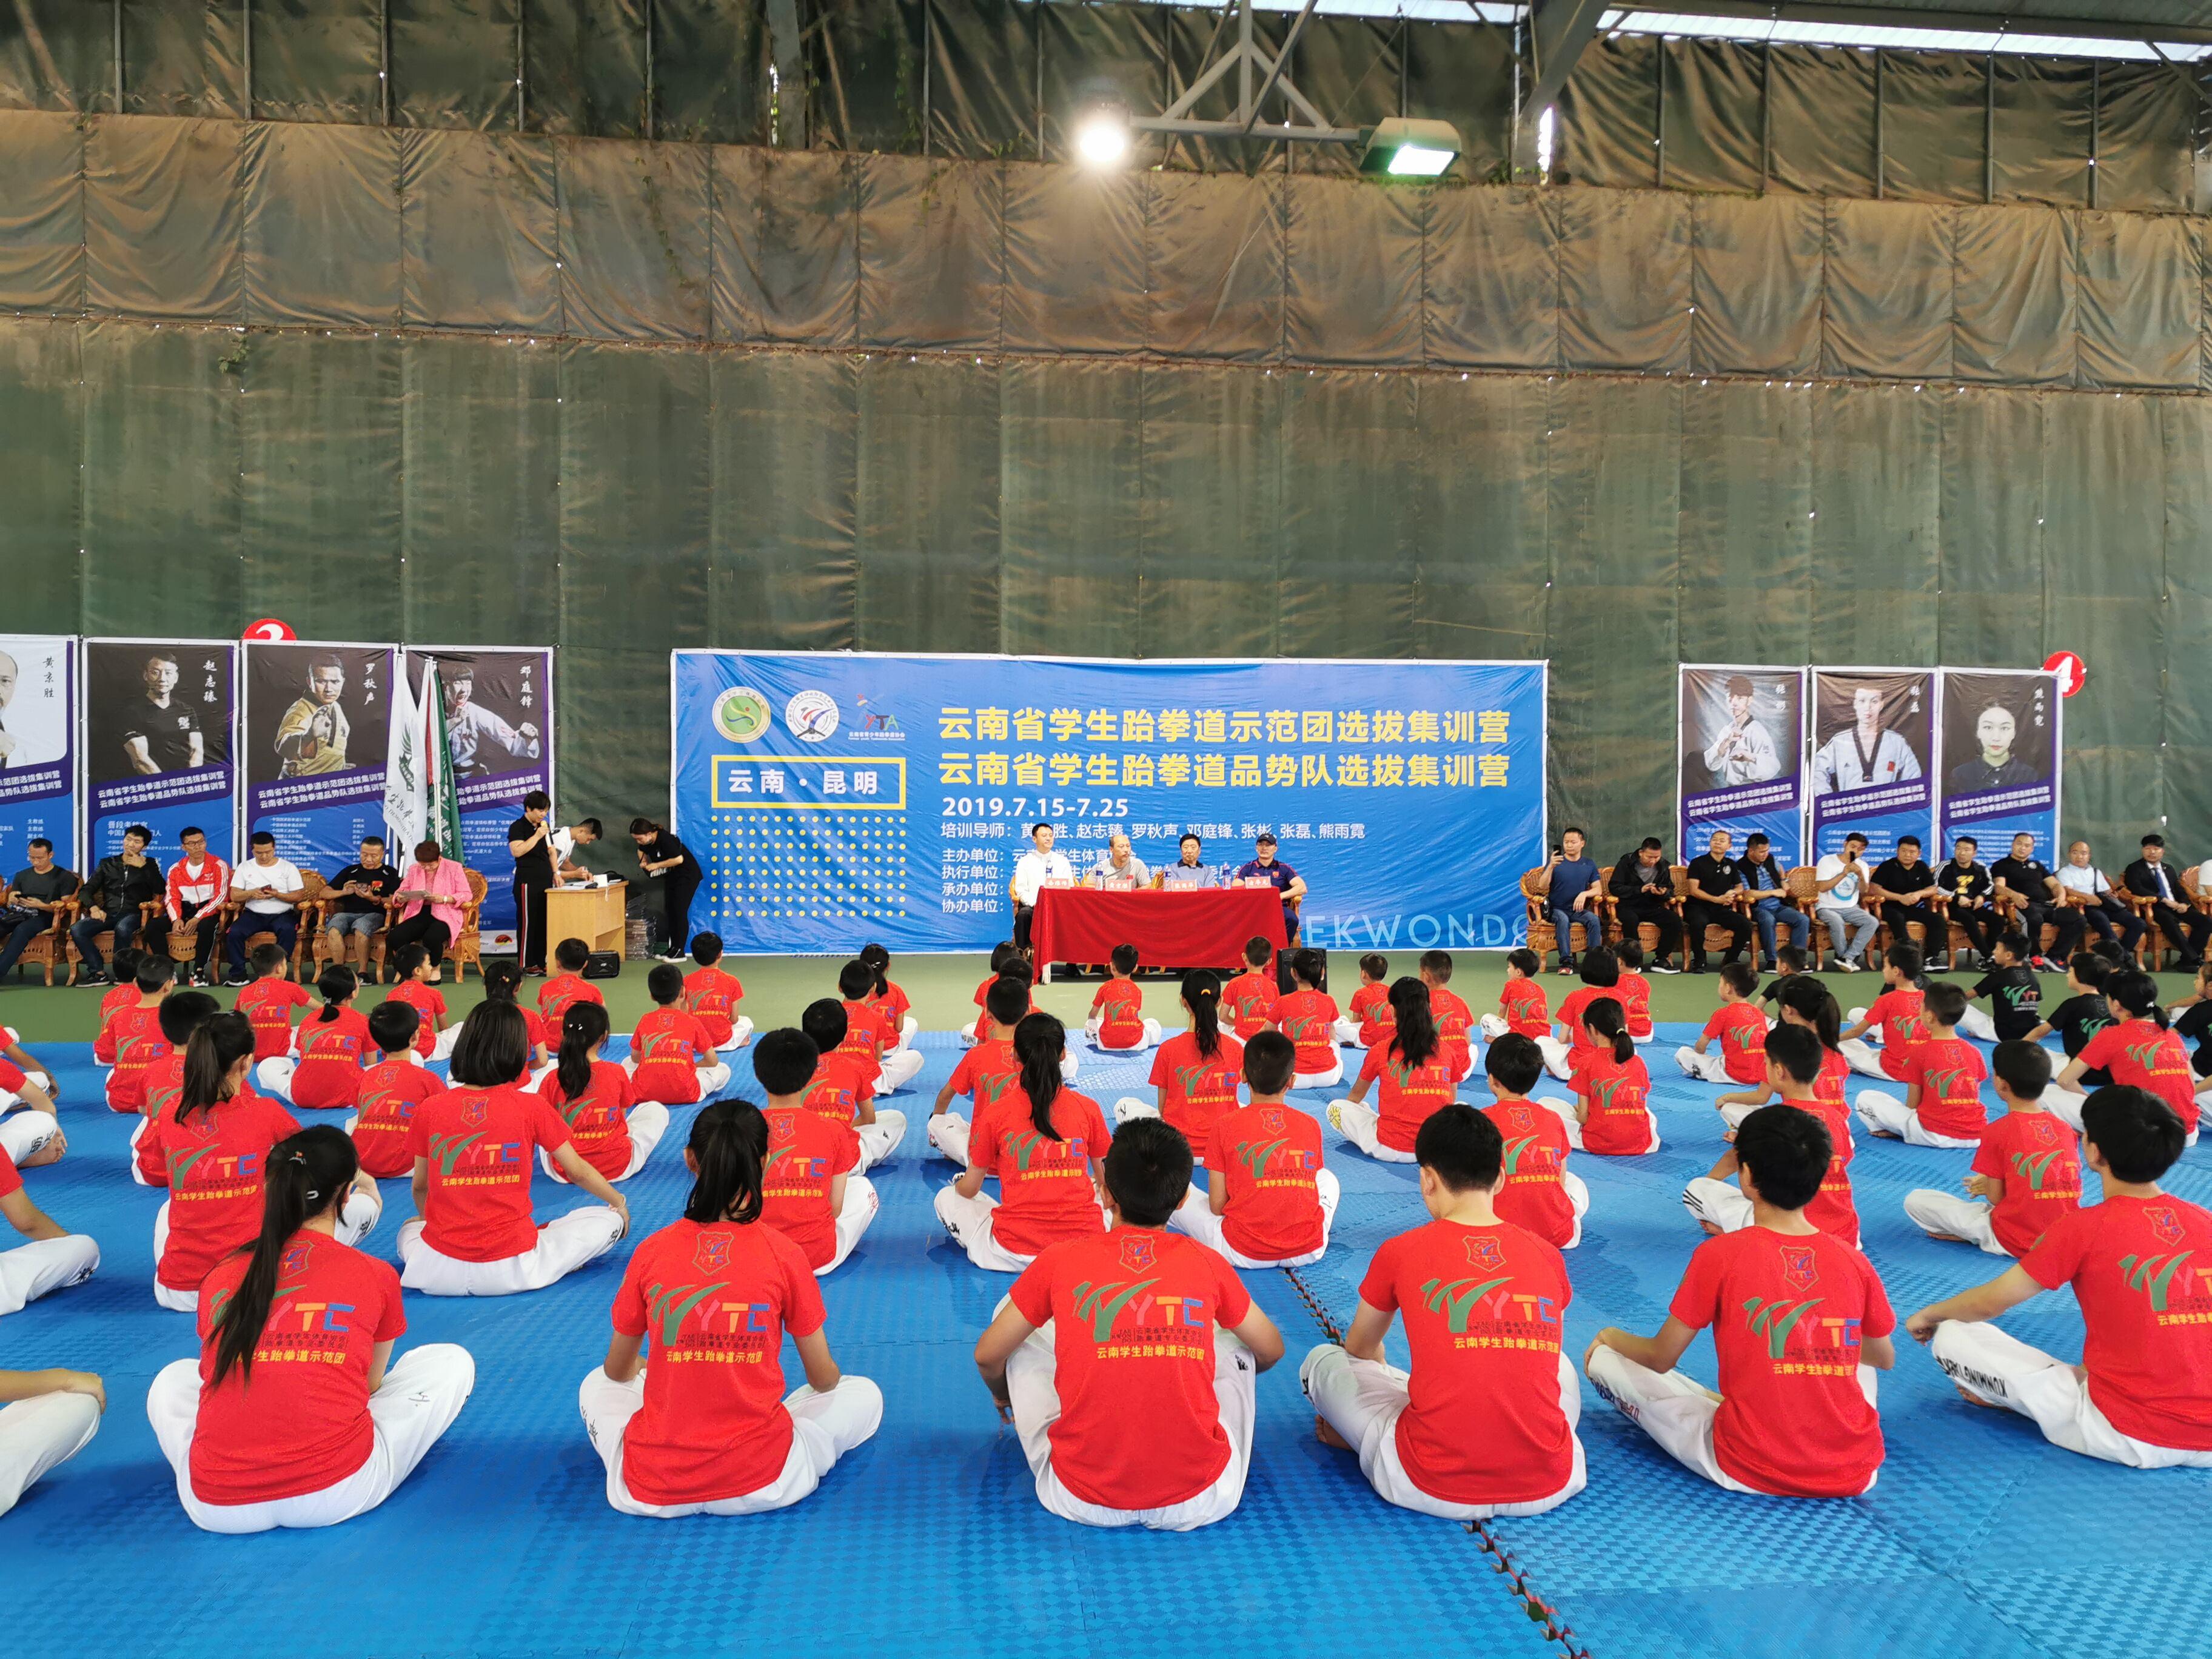 云南首次成立学生跆拳道品势队和学生跆拳道示范团